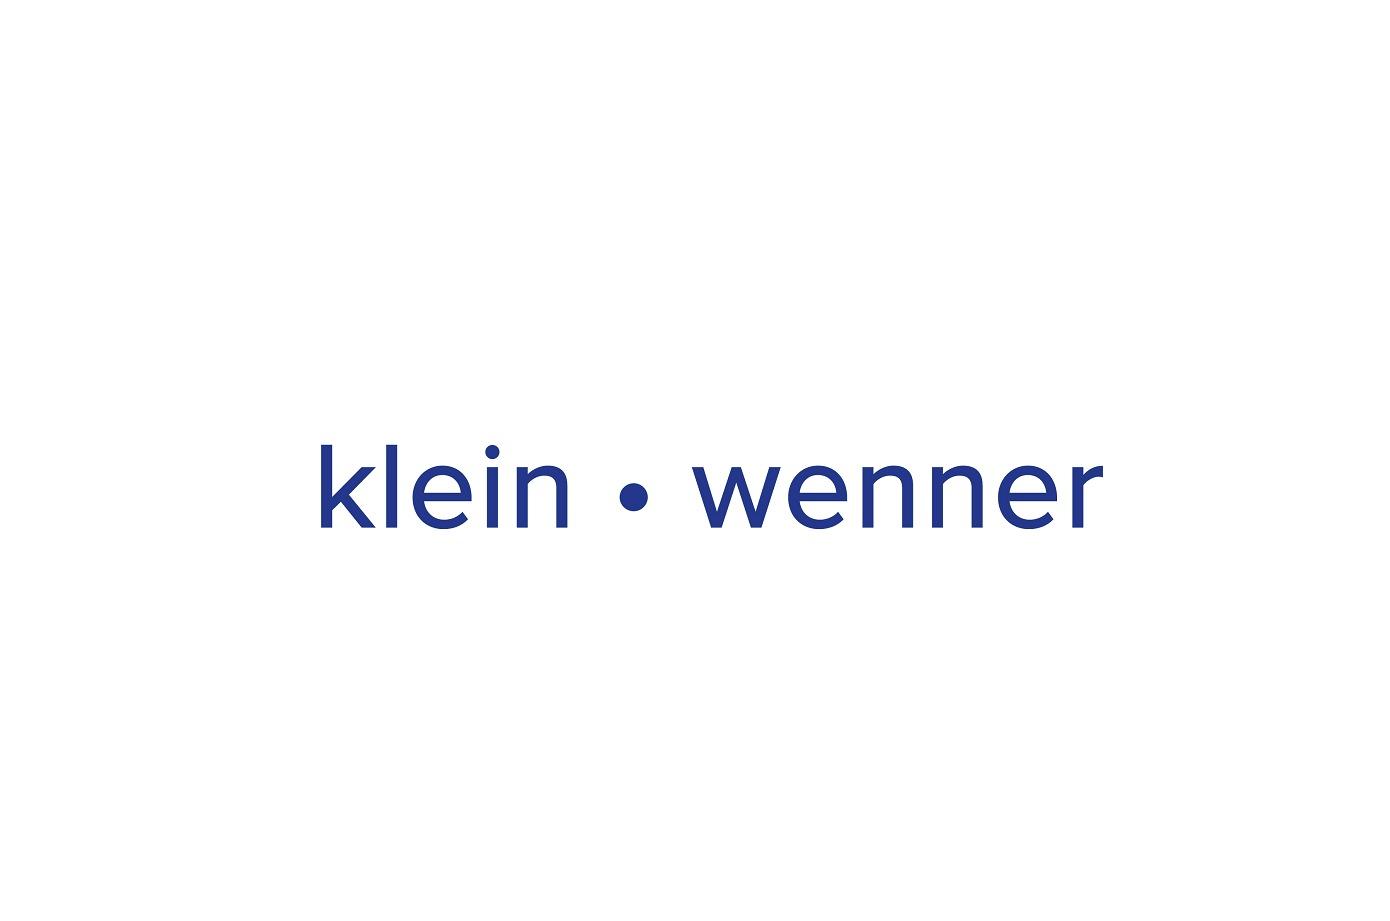 the Klein - Wenner logo.